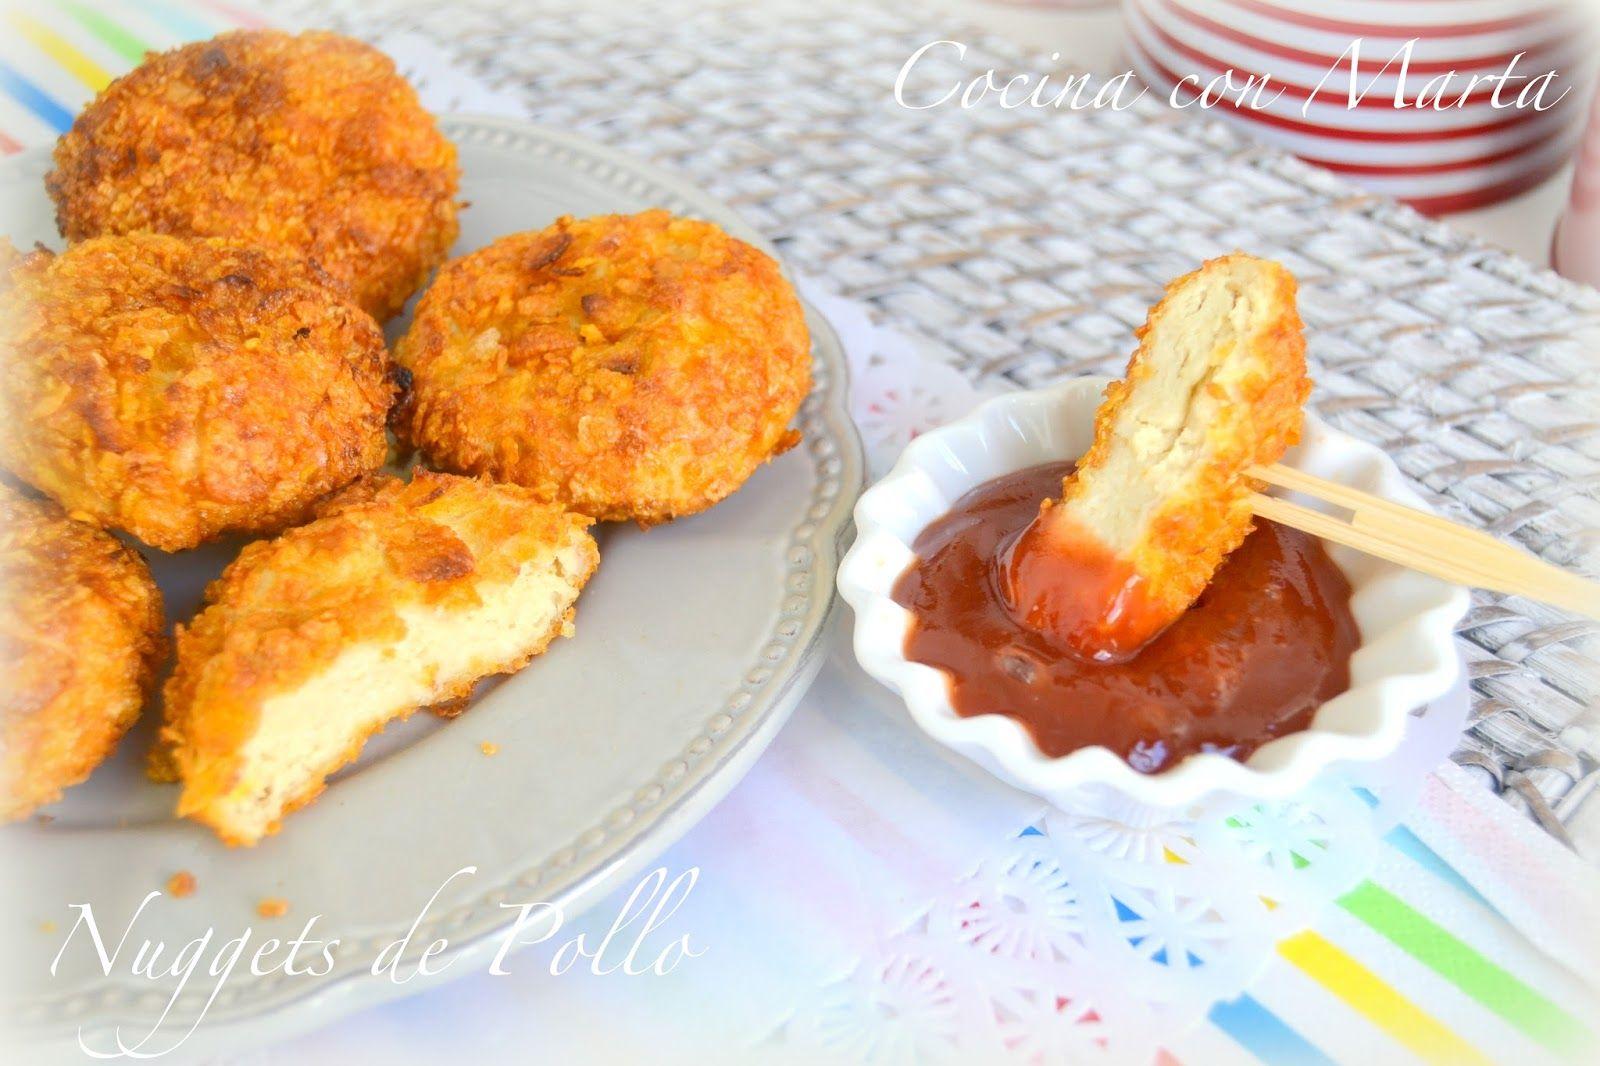 Cocina con marta recetas f ciles r pidas y caseras nuggets de pollo caseros carnes - Cocina facil y saludable thermomix ...